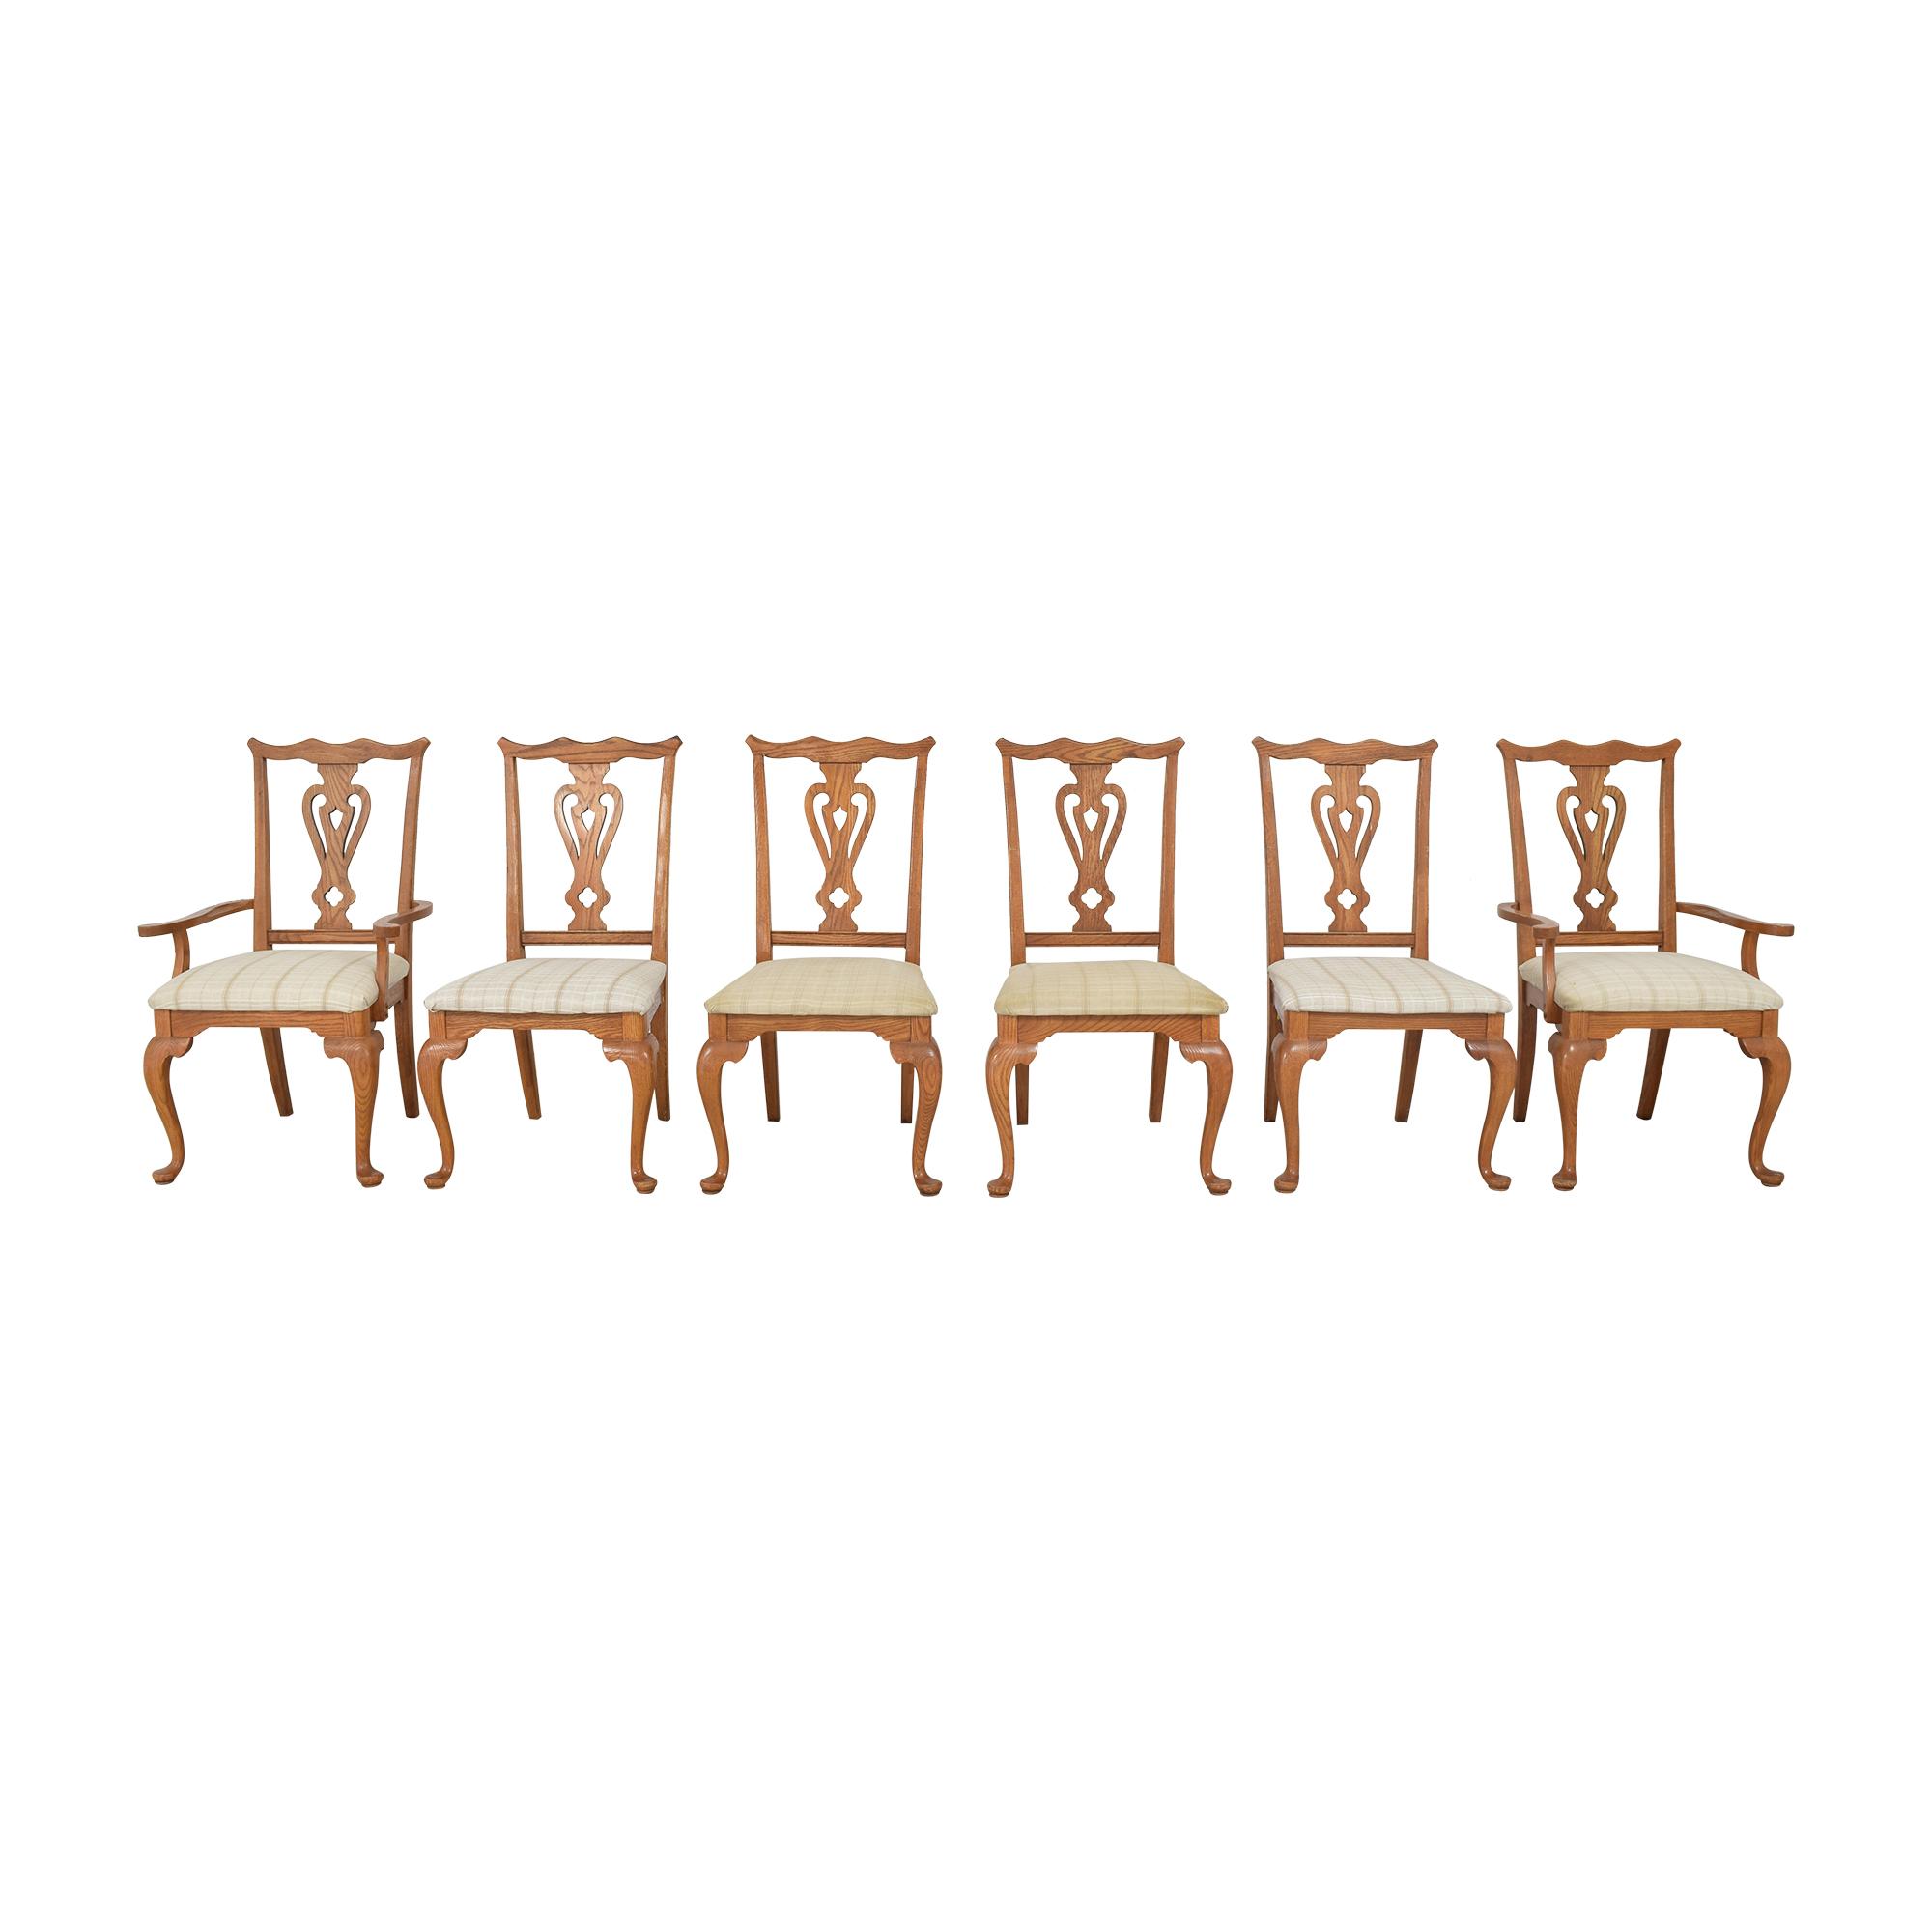 La-Z-Boy La-Z-Boy Upholstered Dining Chairs used